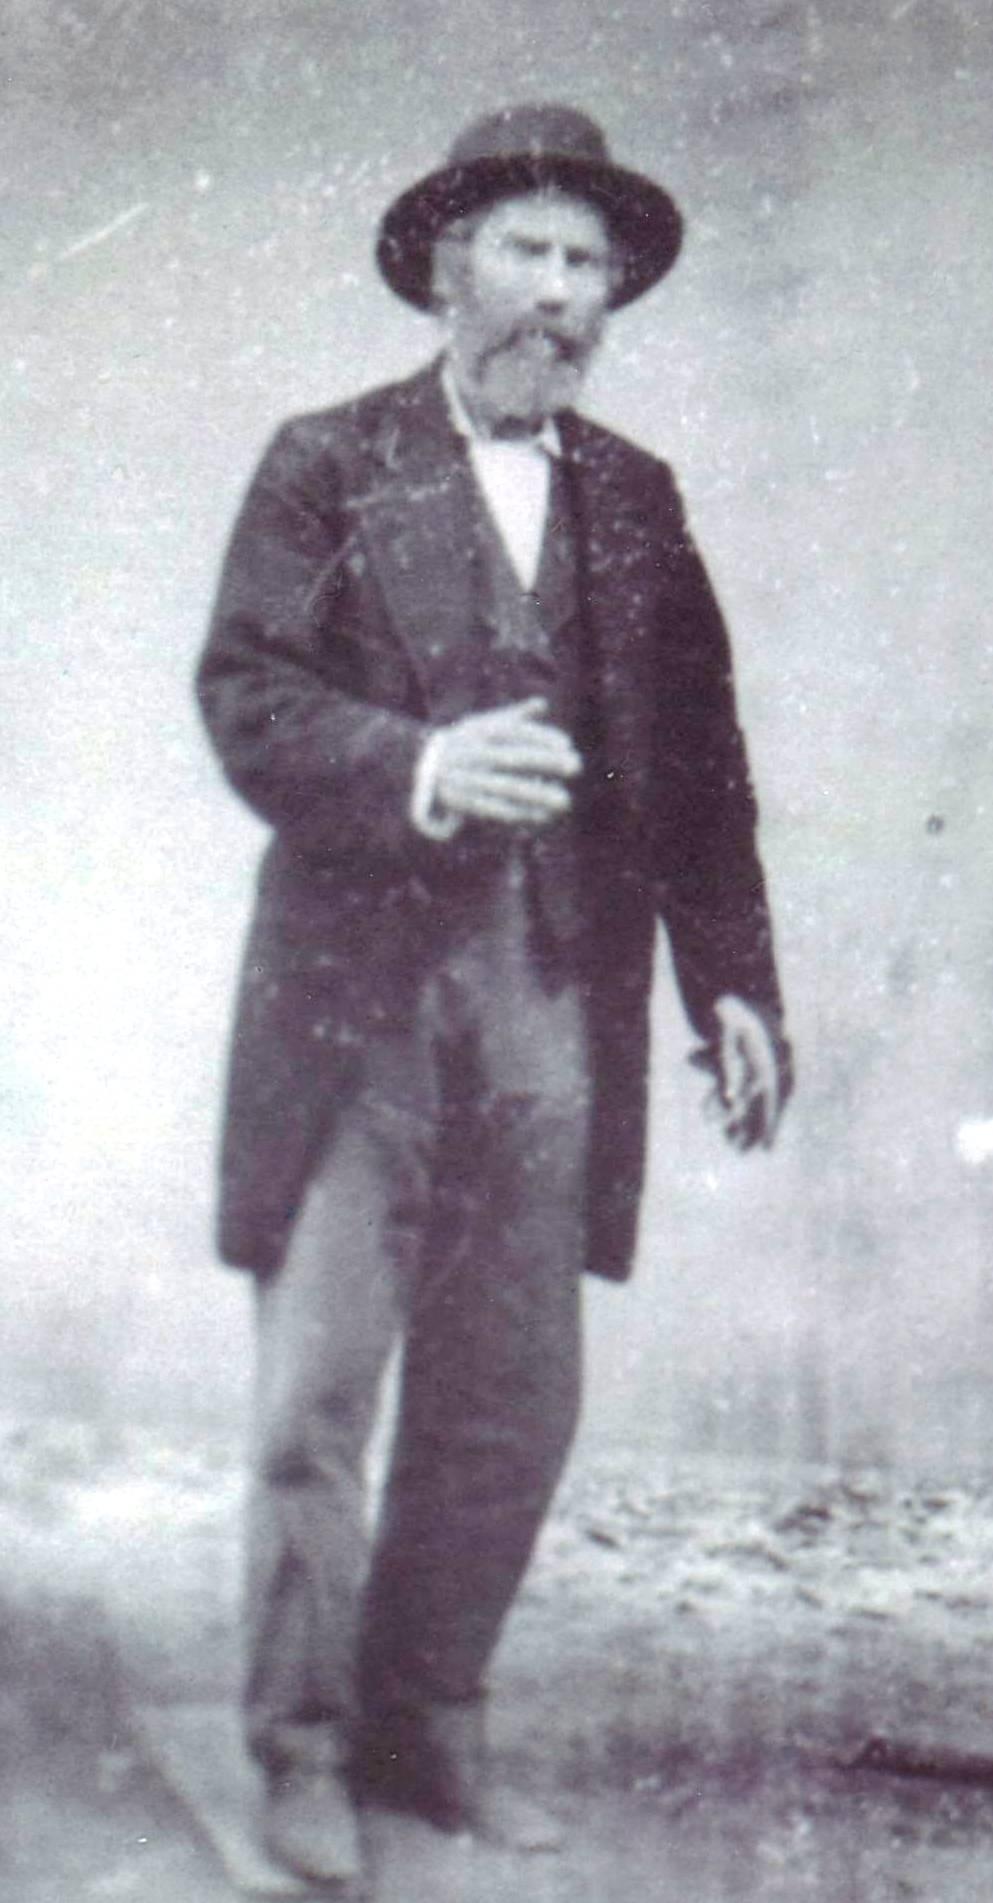 Joshua Kelly